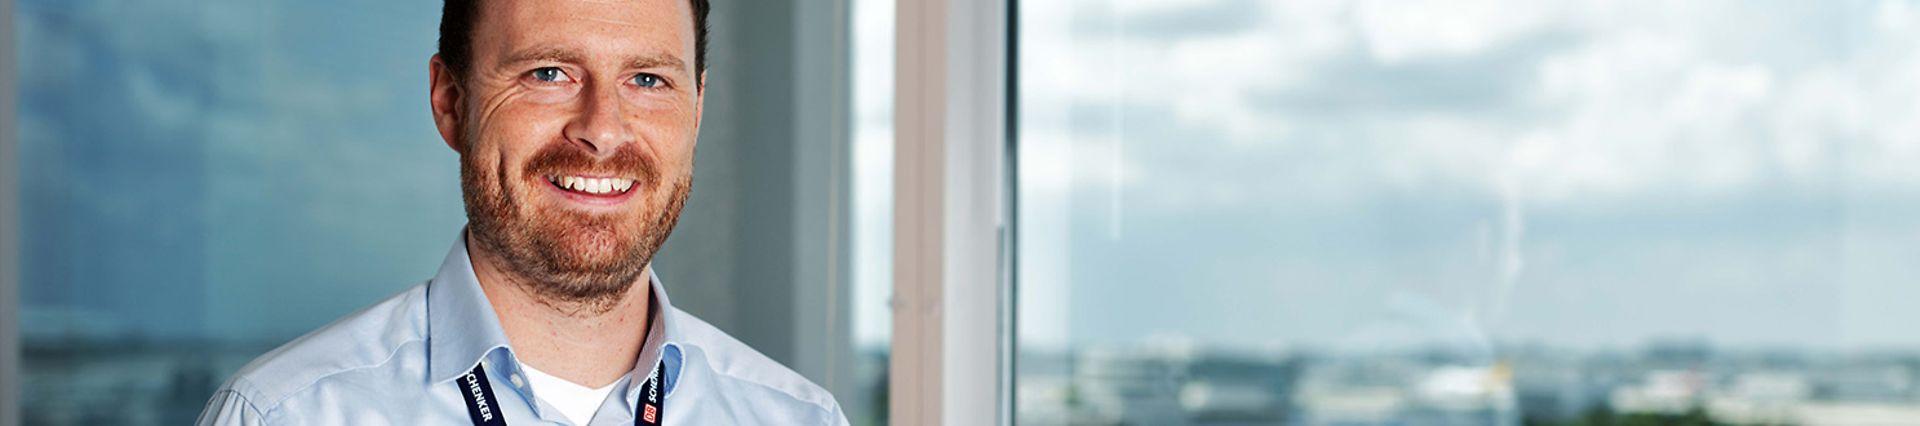 DB_Schenker_M02_Professional White Collar Male_WindowViewPhone